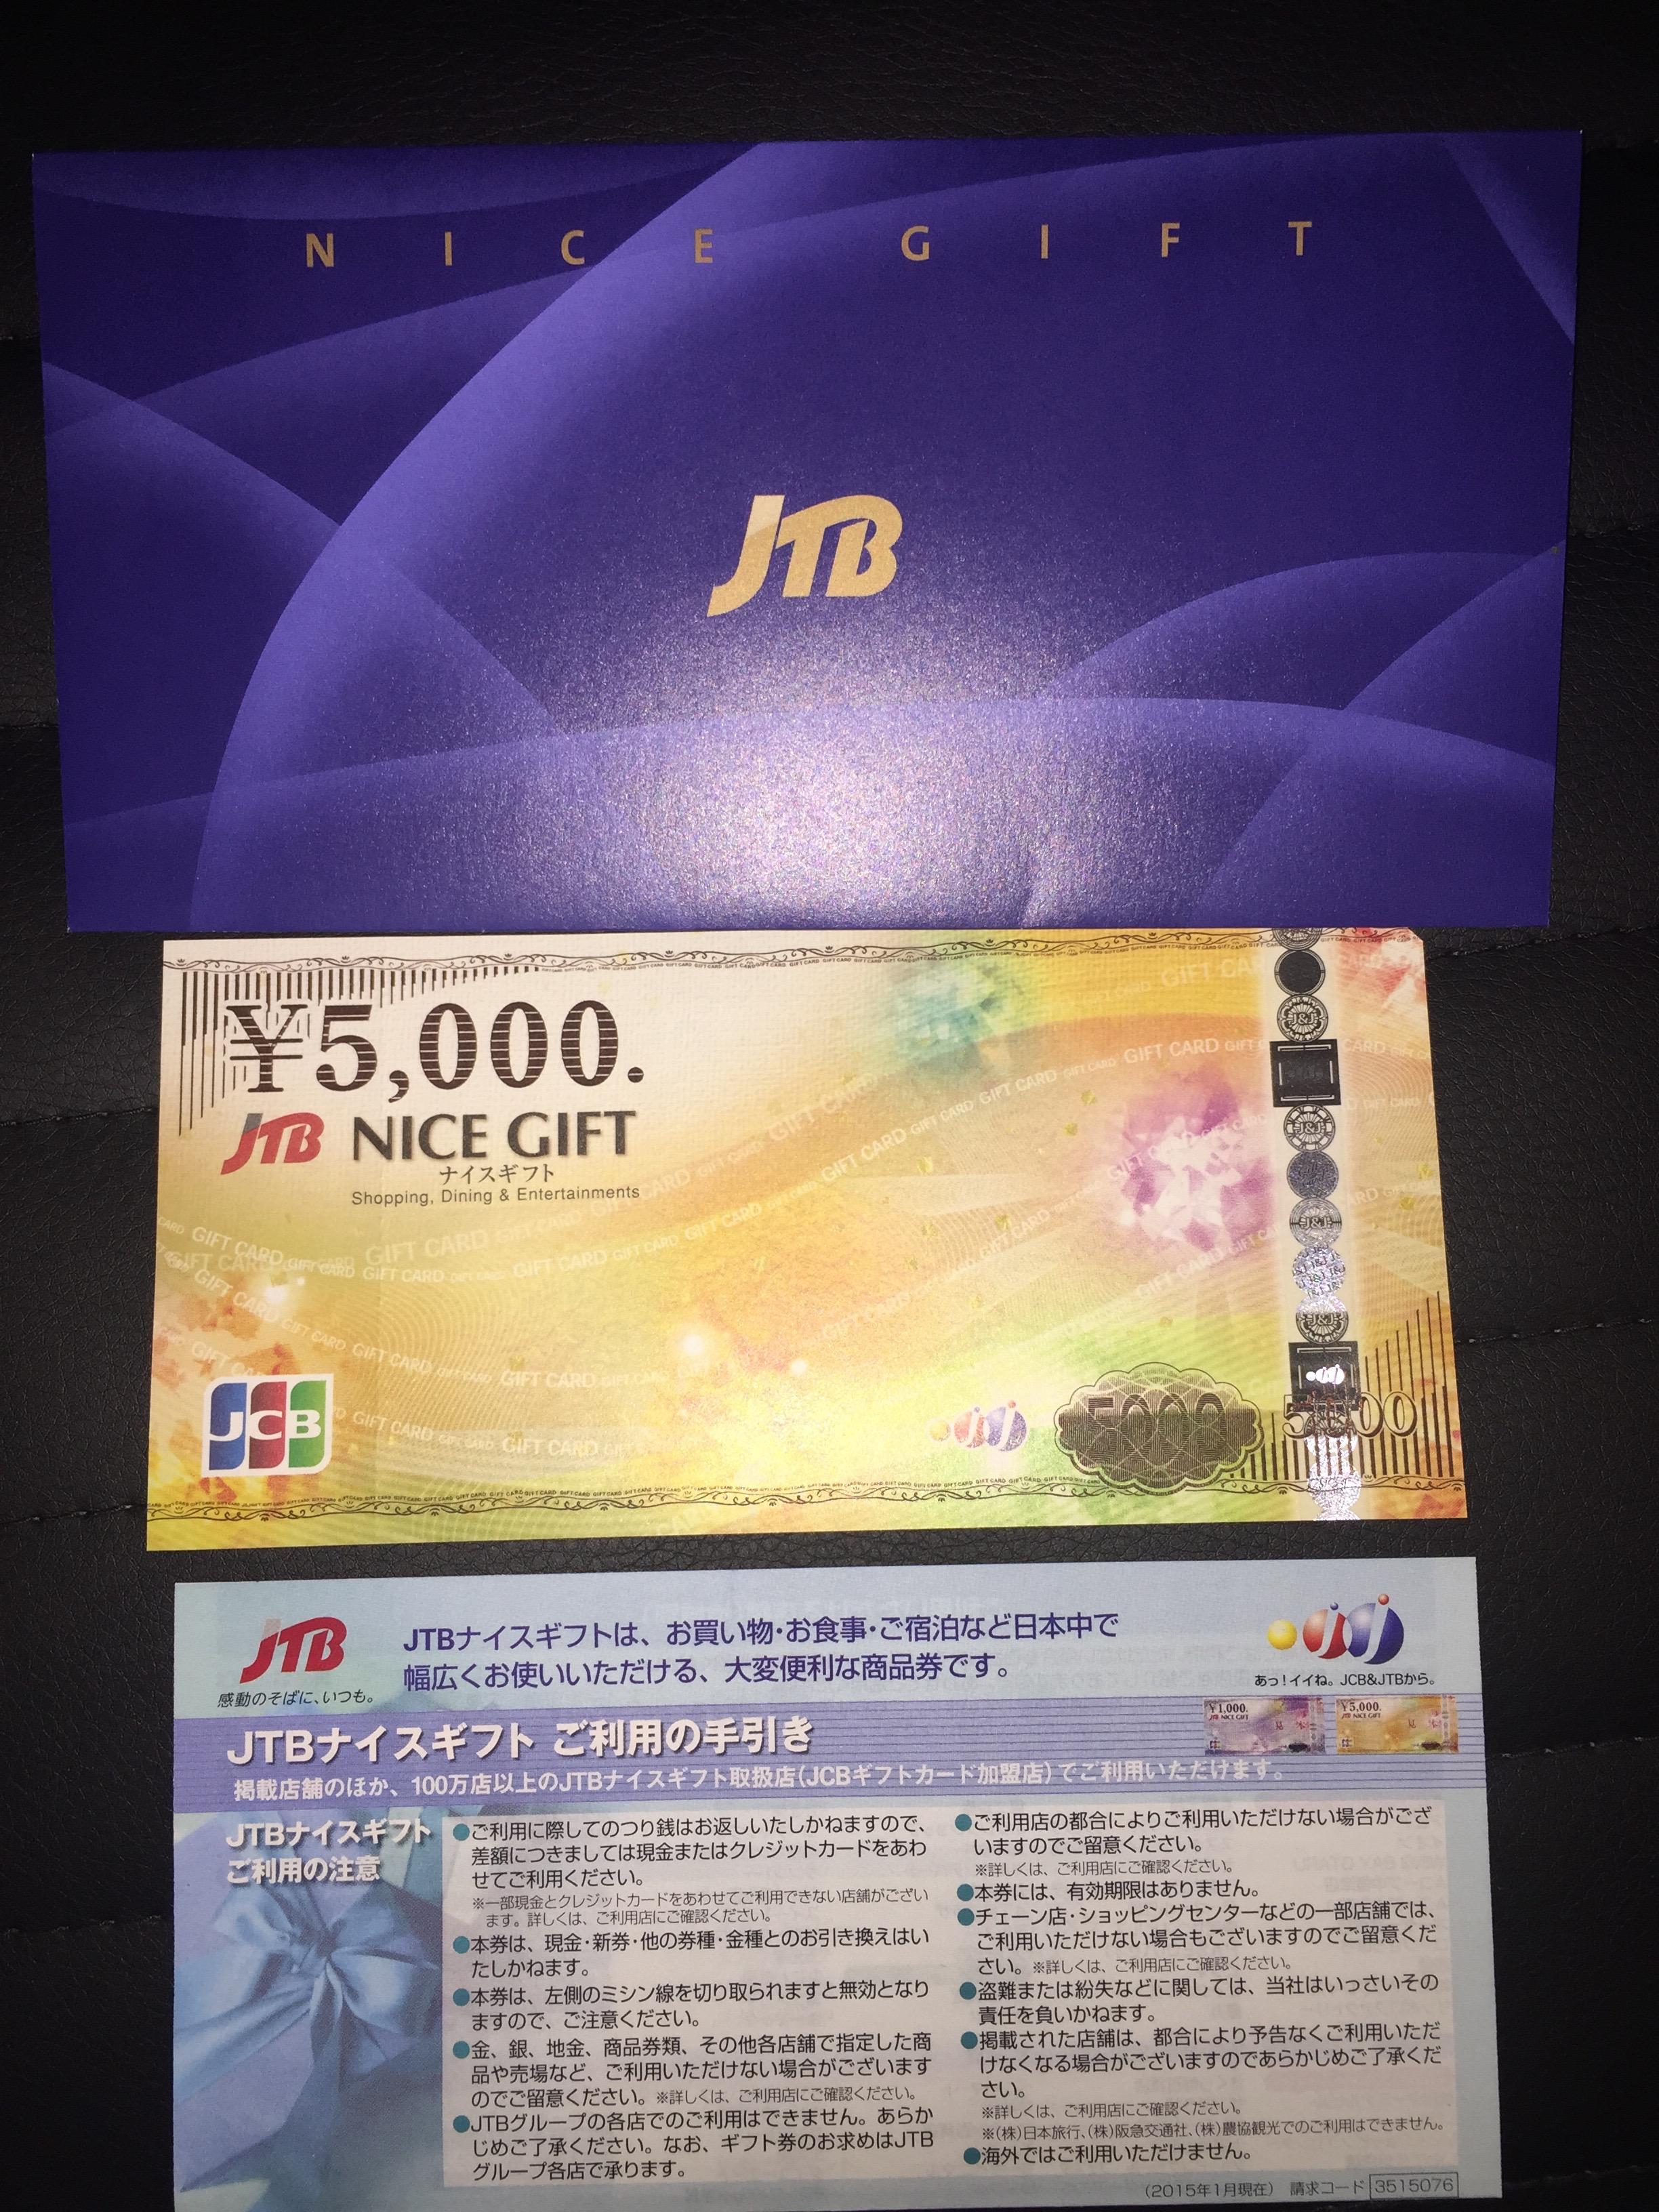 プレサンスコーポレーション(3254)の株主優待を徹底紹介!! JTBナイスギフト券が到着しました!!